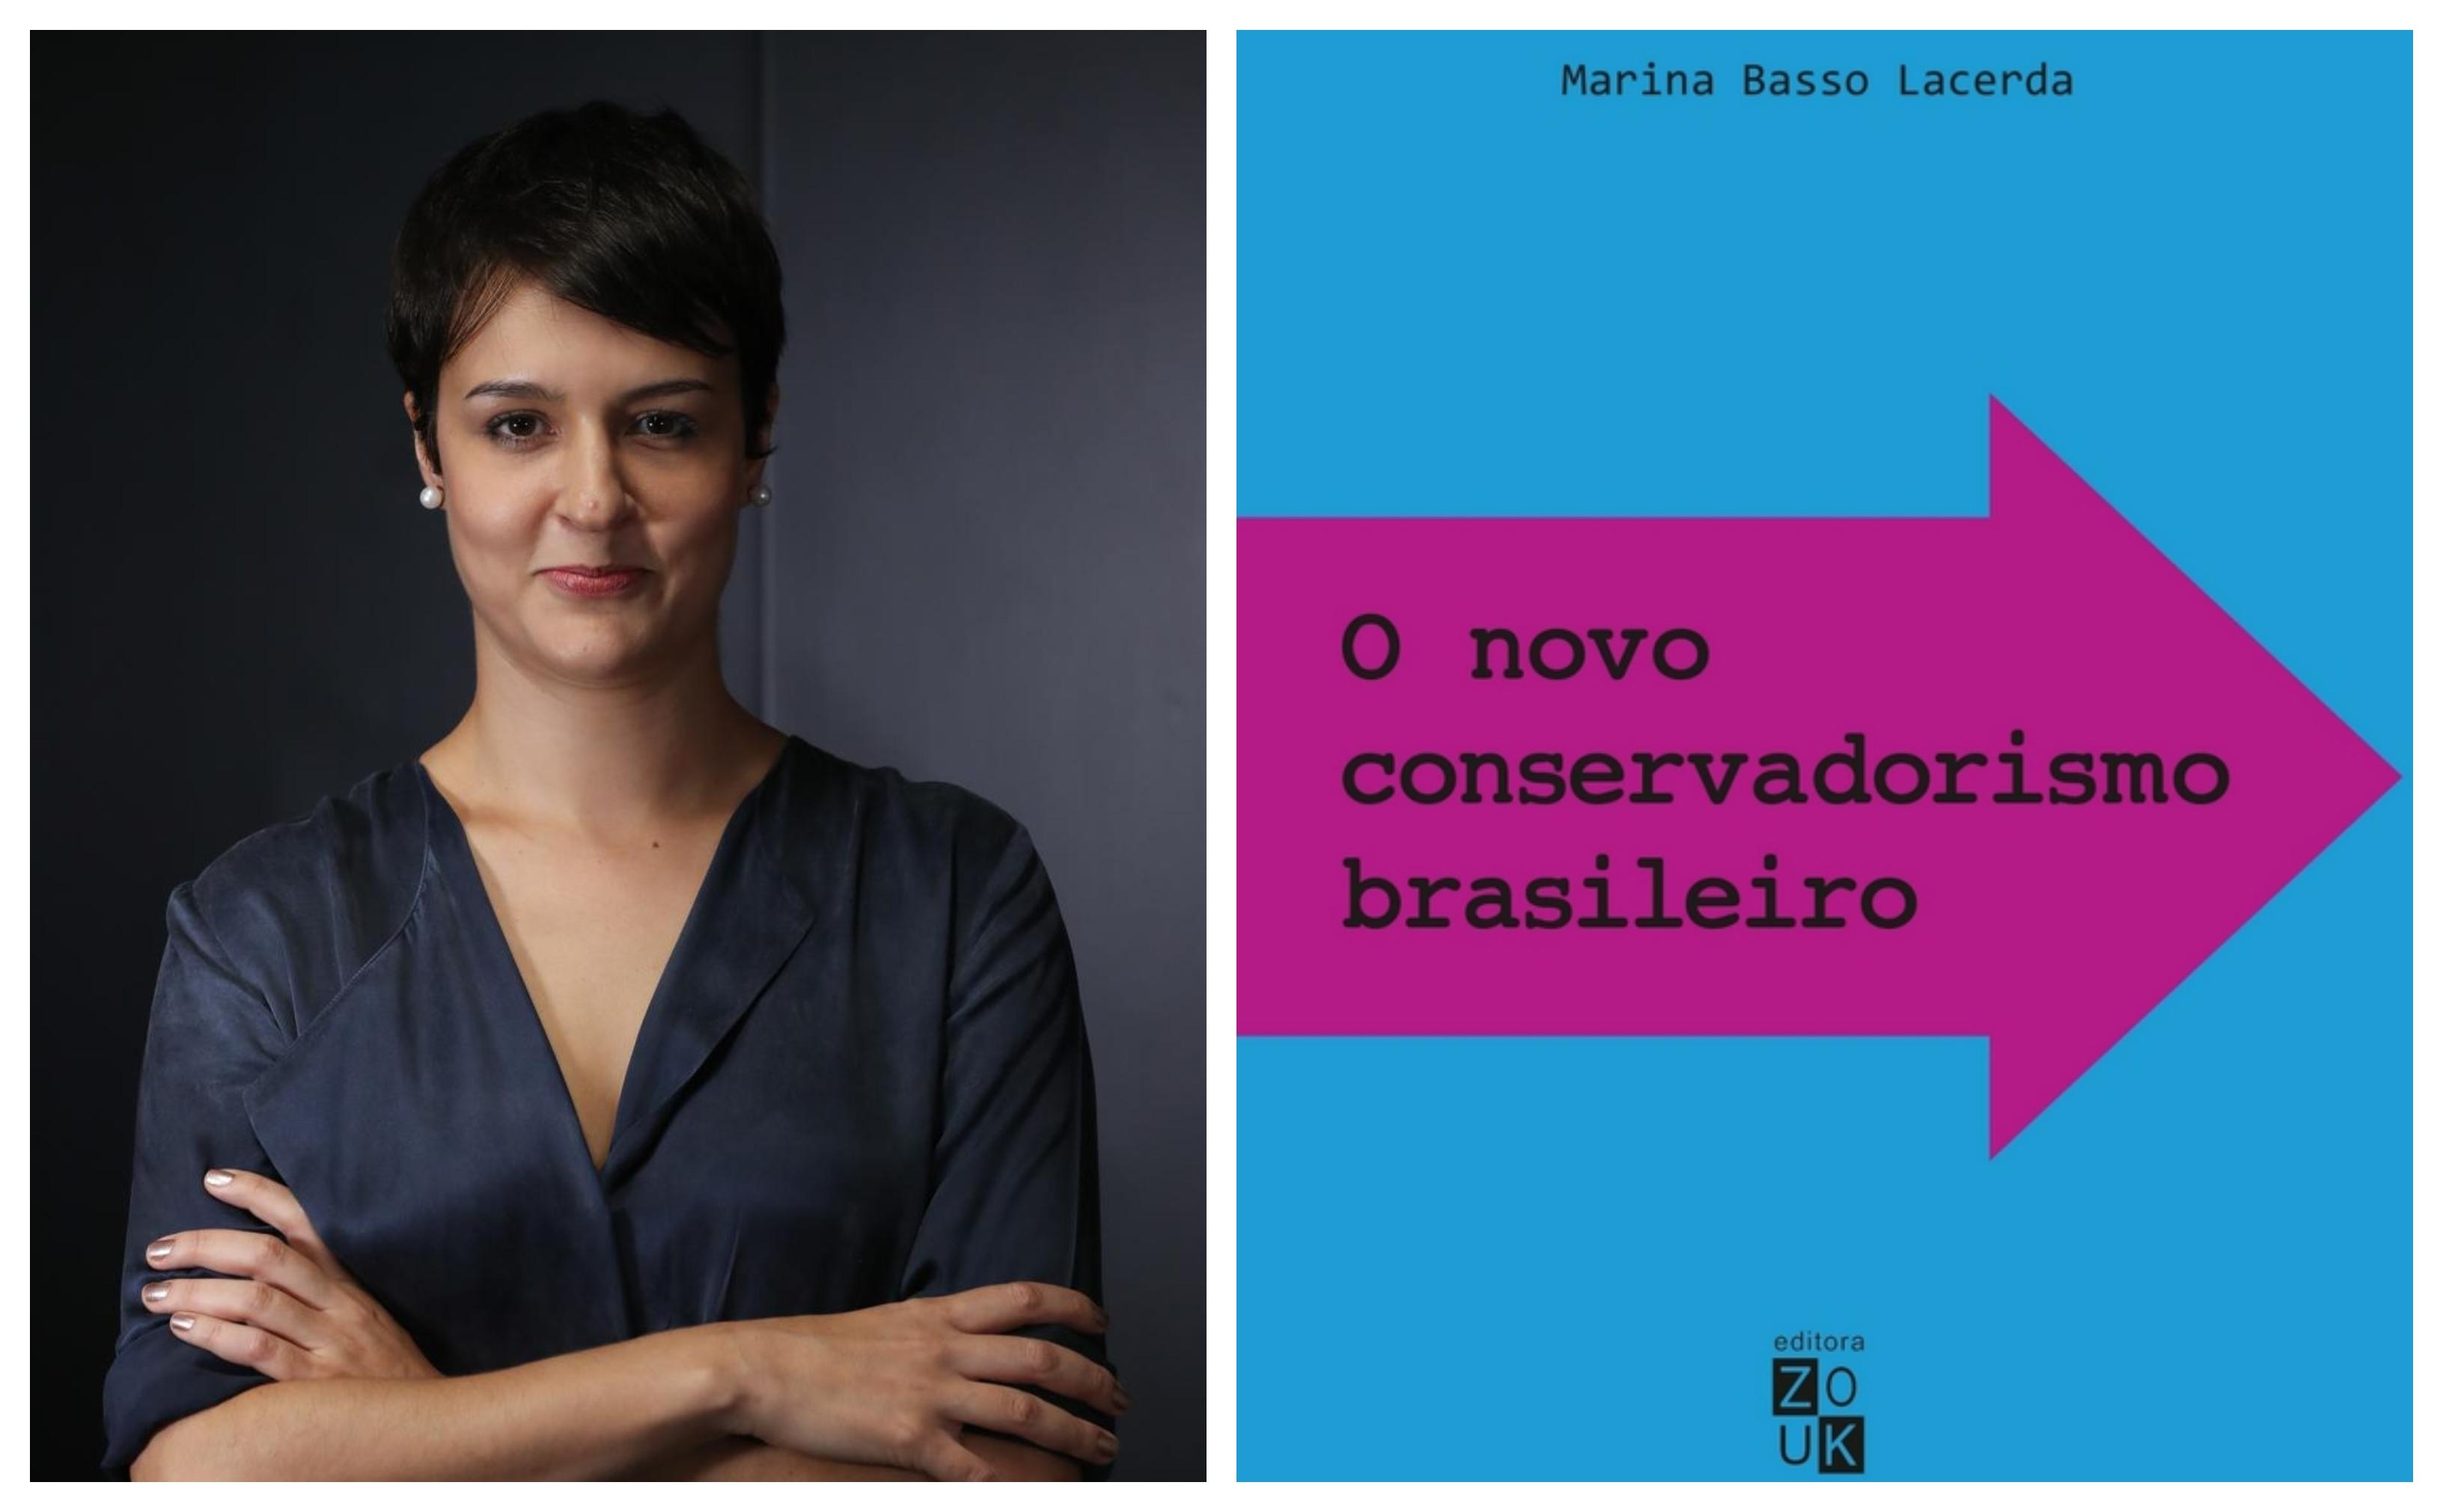 A onda conservadora no Brasil tem conexão com os EUA? É o que Marina Lacerda discute no livro que está lançando